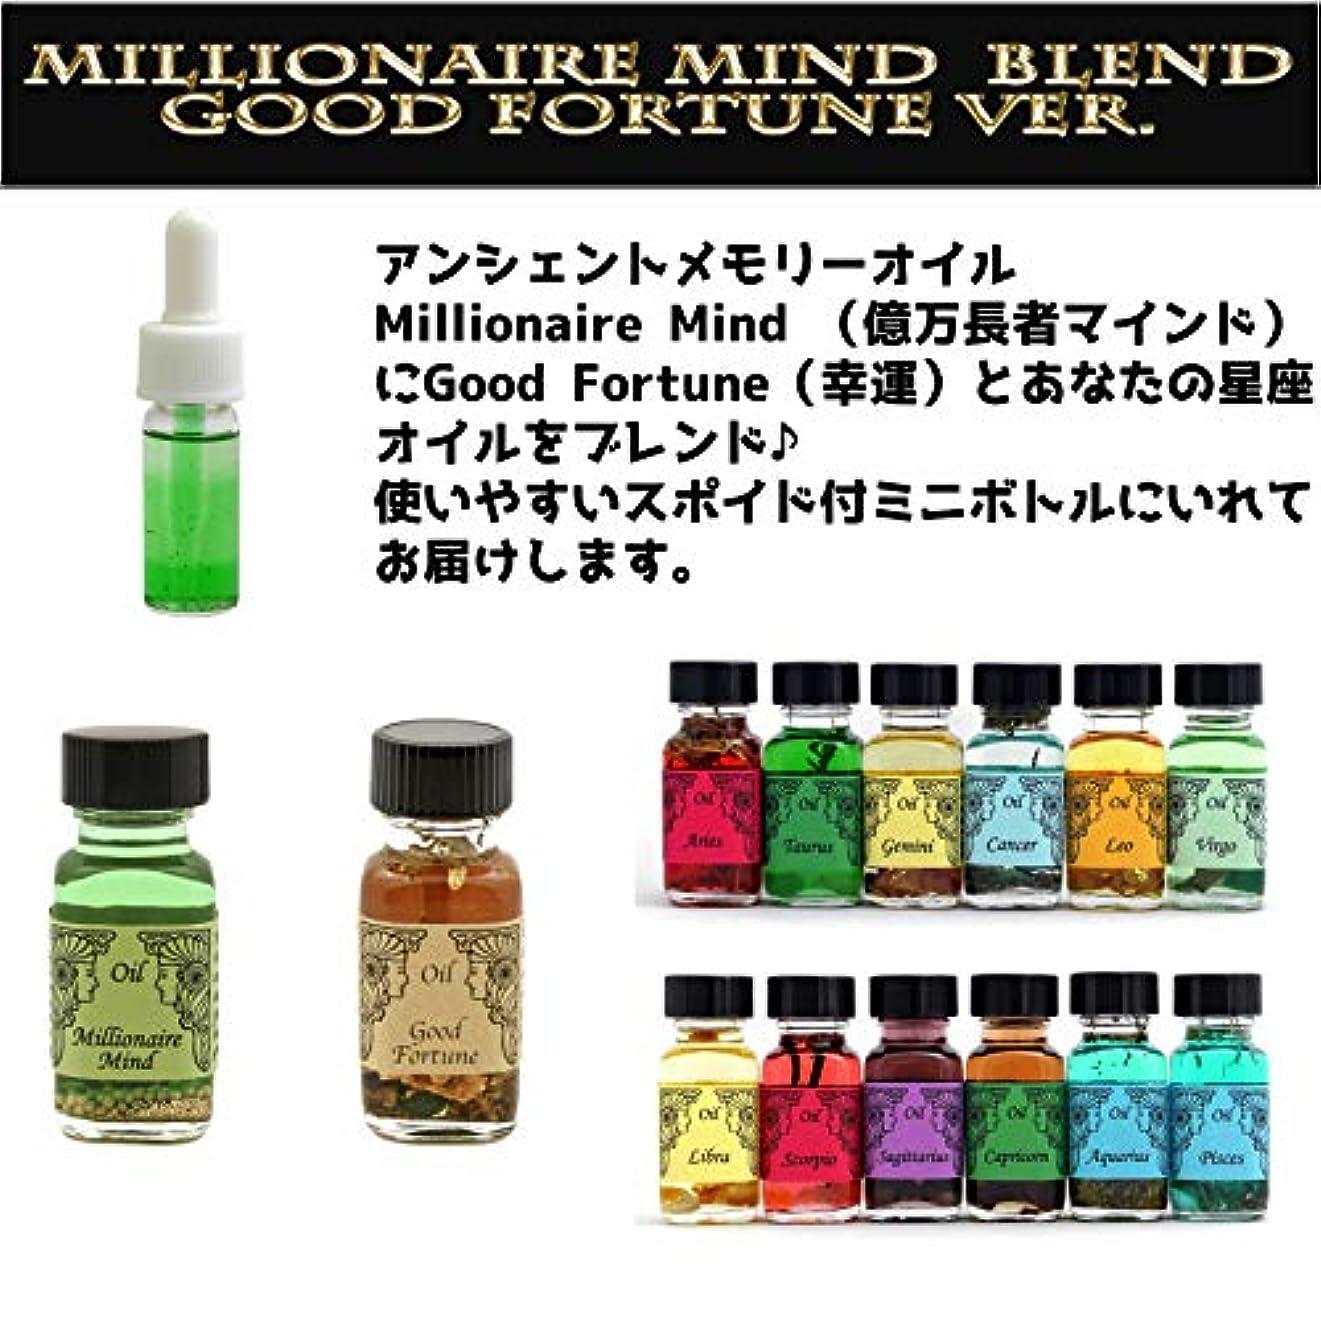 実験をする光のドレスアンシェントメモリーオイル Millionaire Mind 億万長者マインド ブレンド【Good Fortune グッドフォーチュン 幸運&ふたご座】